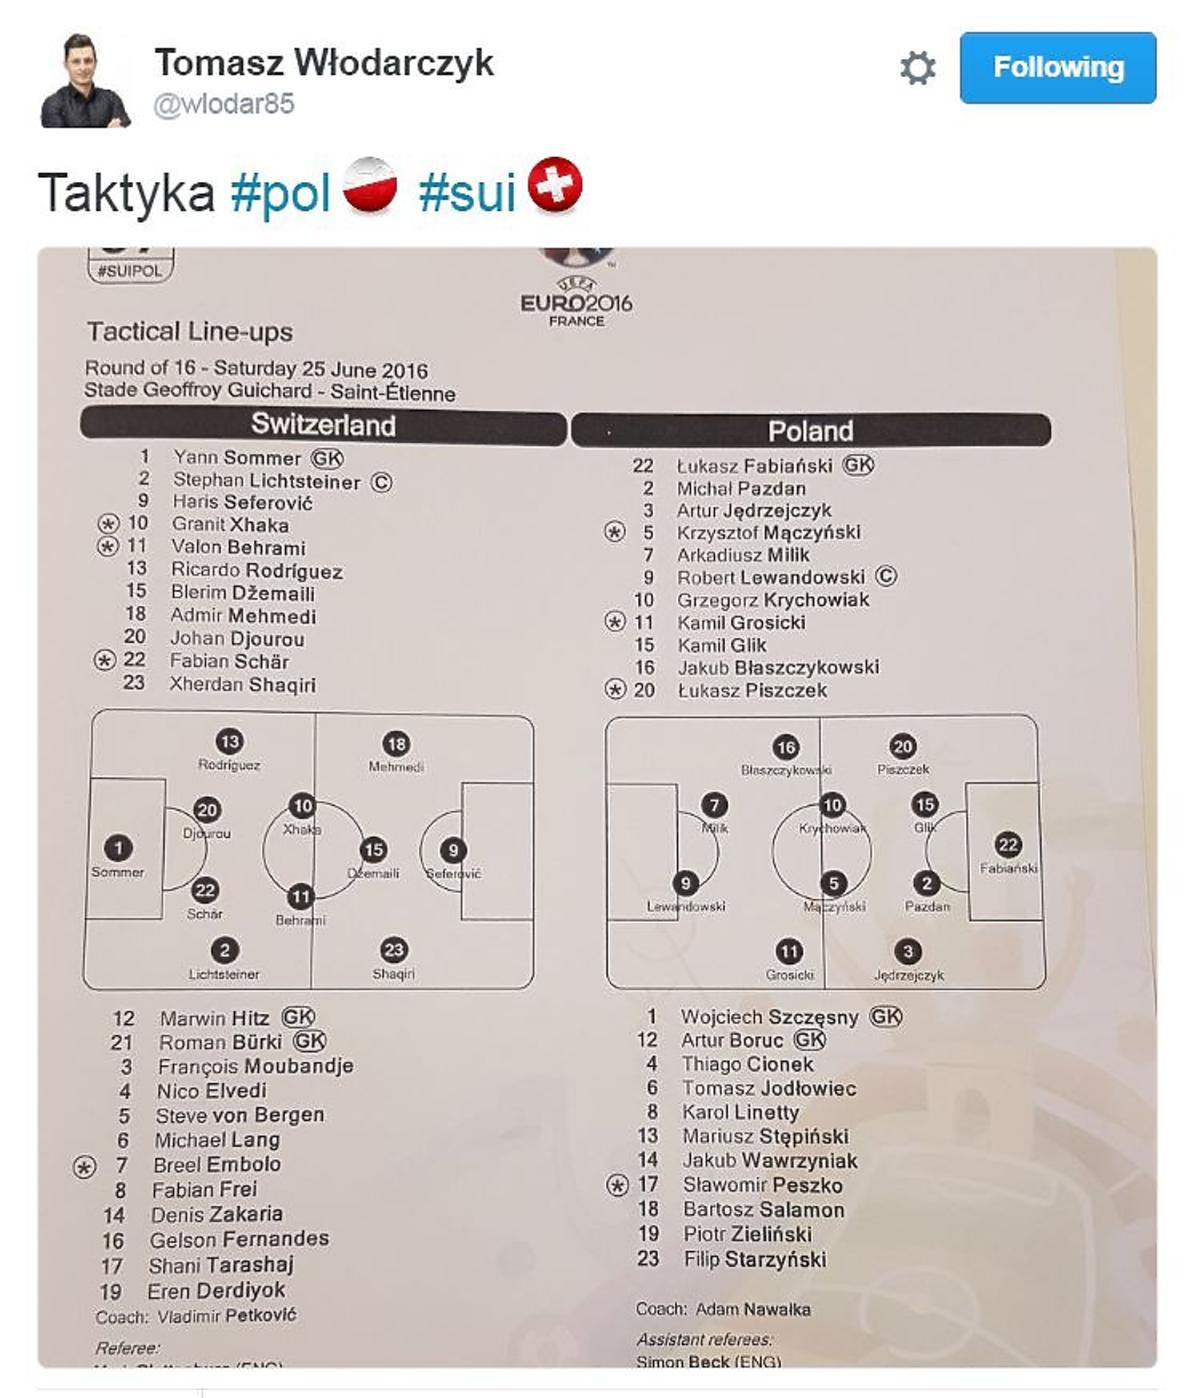 Składy i taktyka na mecz Polska - Szwajcaria